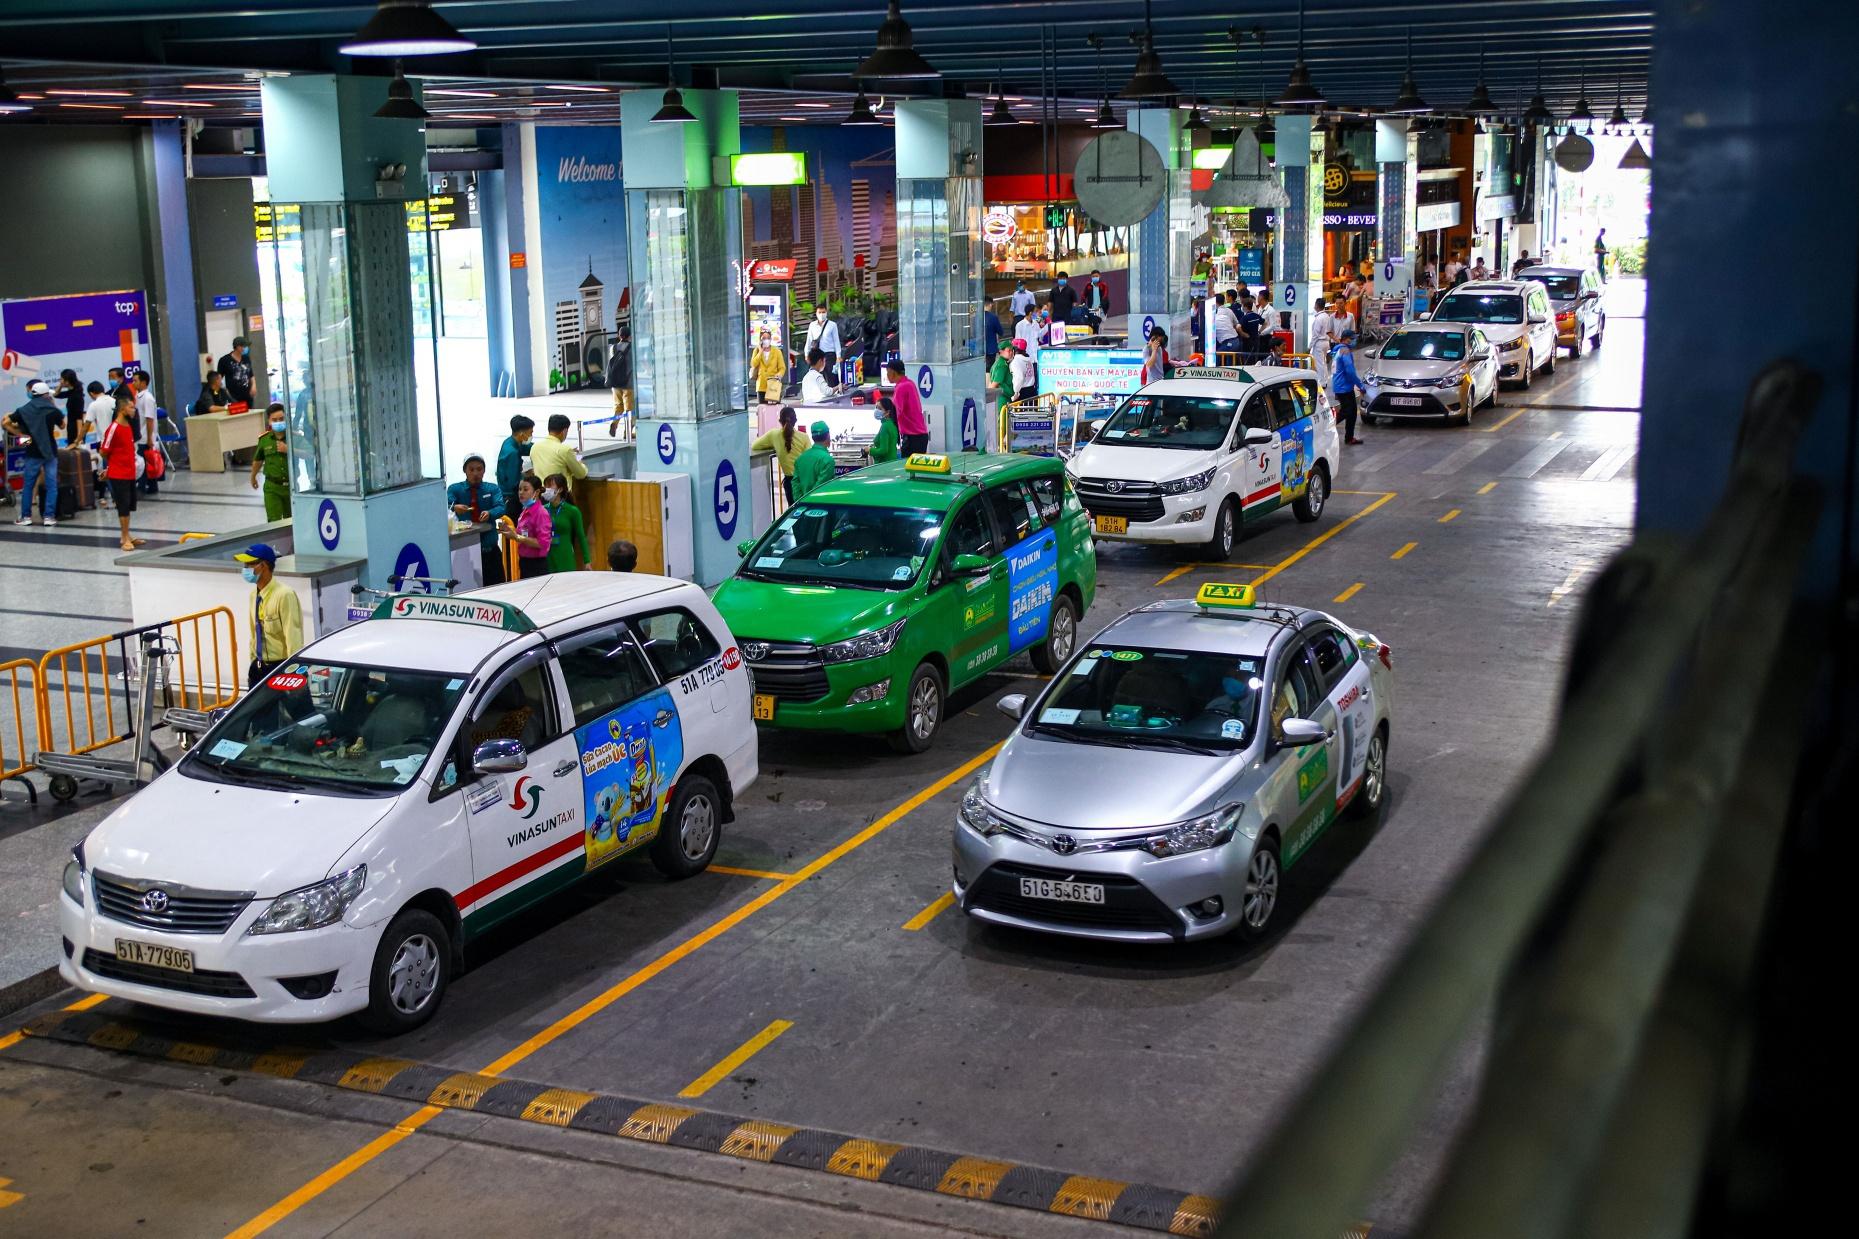 Sự khác biệt giữa 'truyền thống' và 'công nghệ' từ vụ việc phân làn đón khách sân bay Tân Sơn Nhất - Ảnh 2.